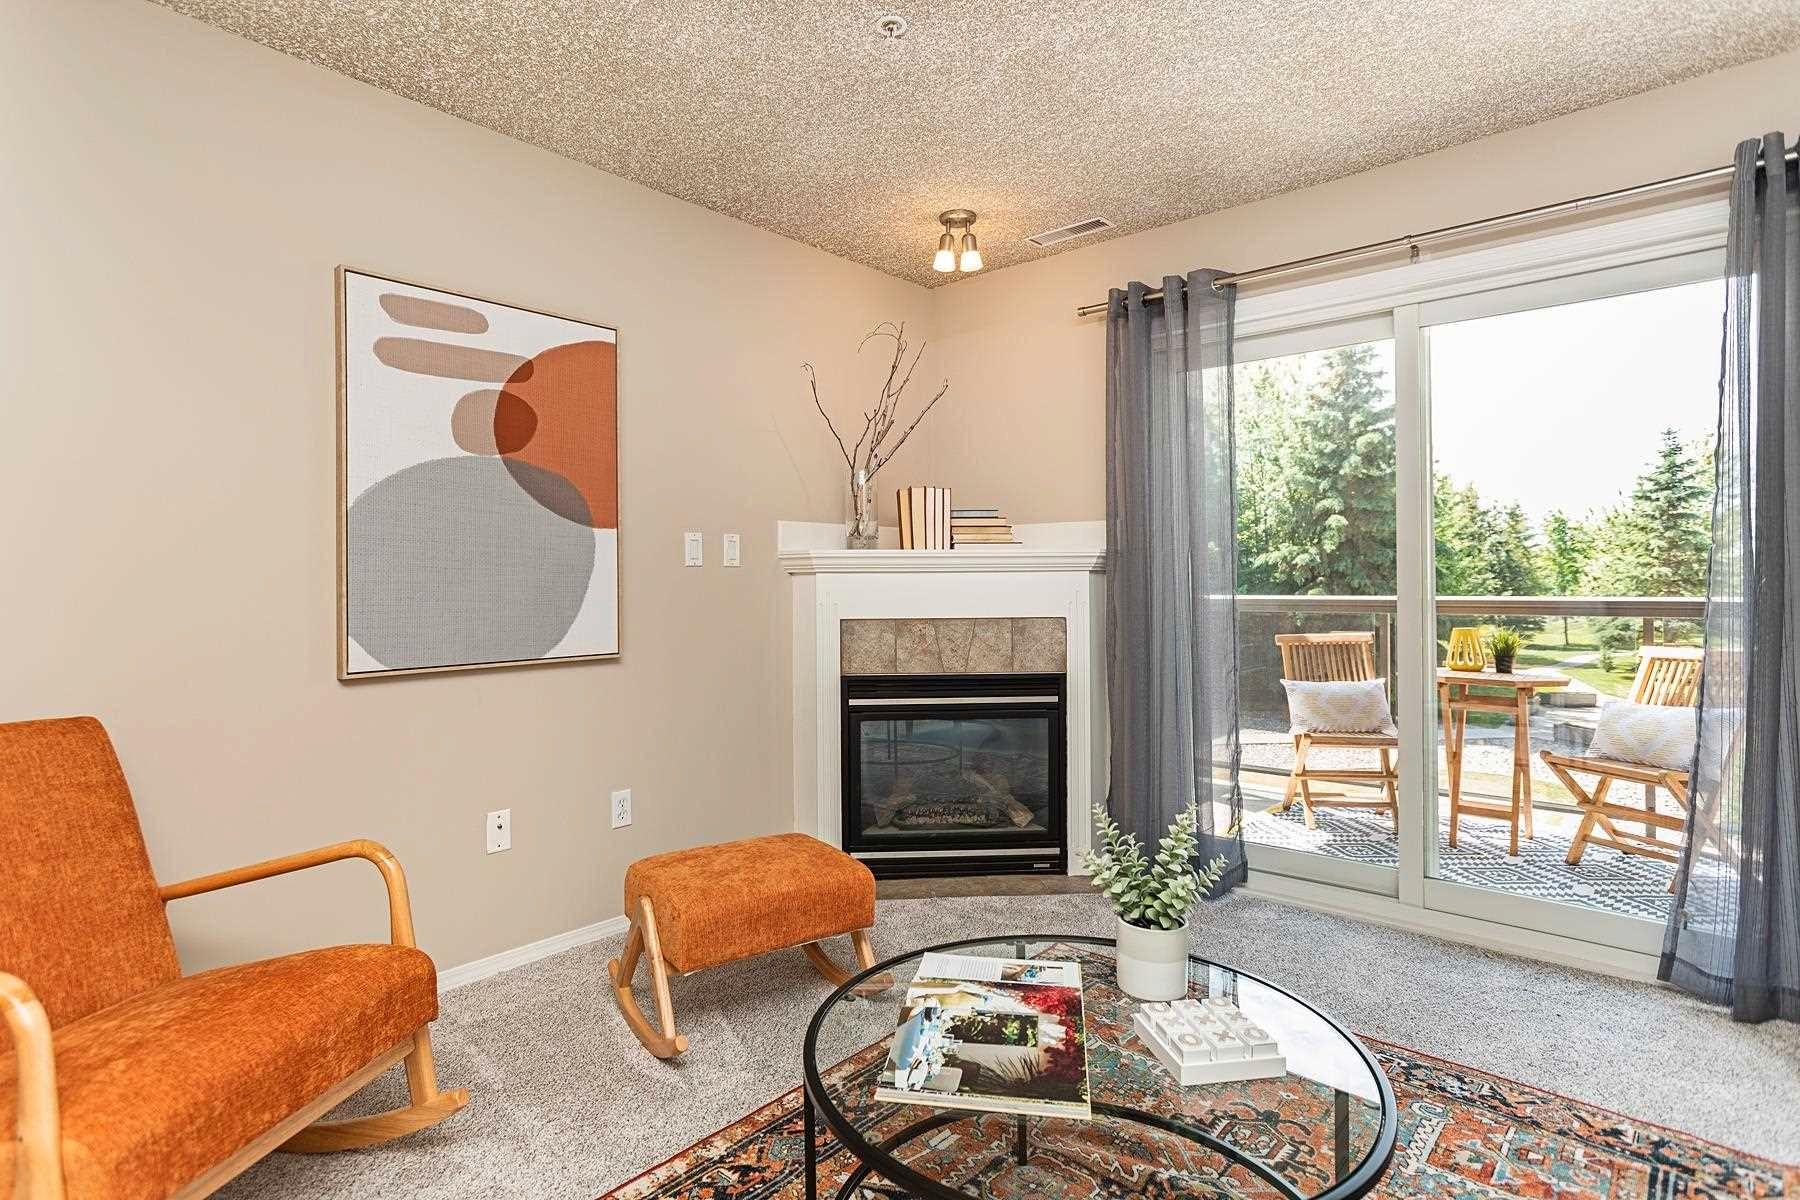 Main Photo: 215 279 SUDER GREENS Drive in Edmonton: Zone 58 Condo for sale : MLS®# E4261429